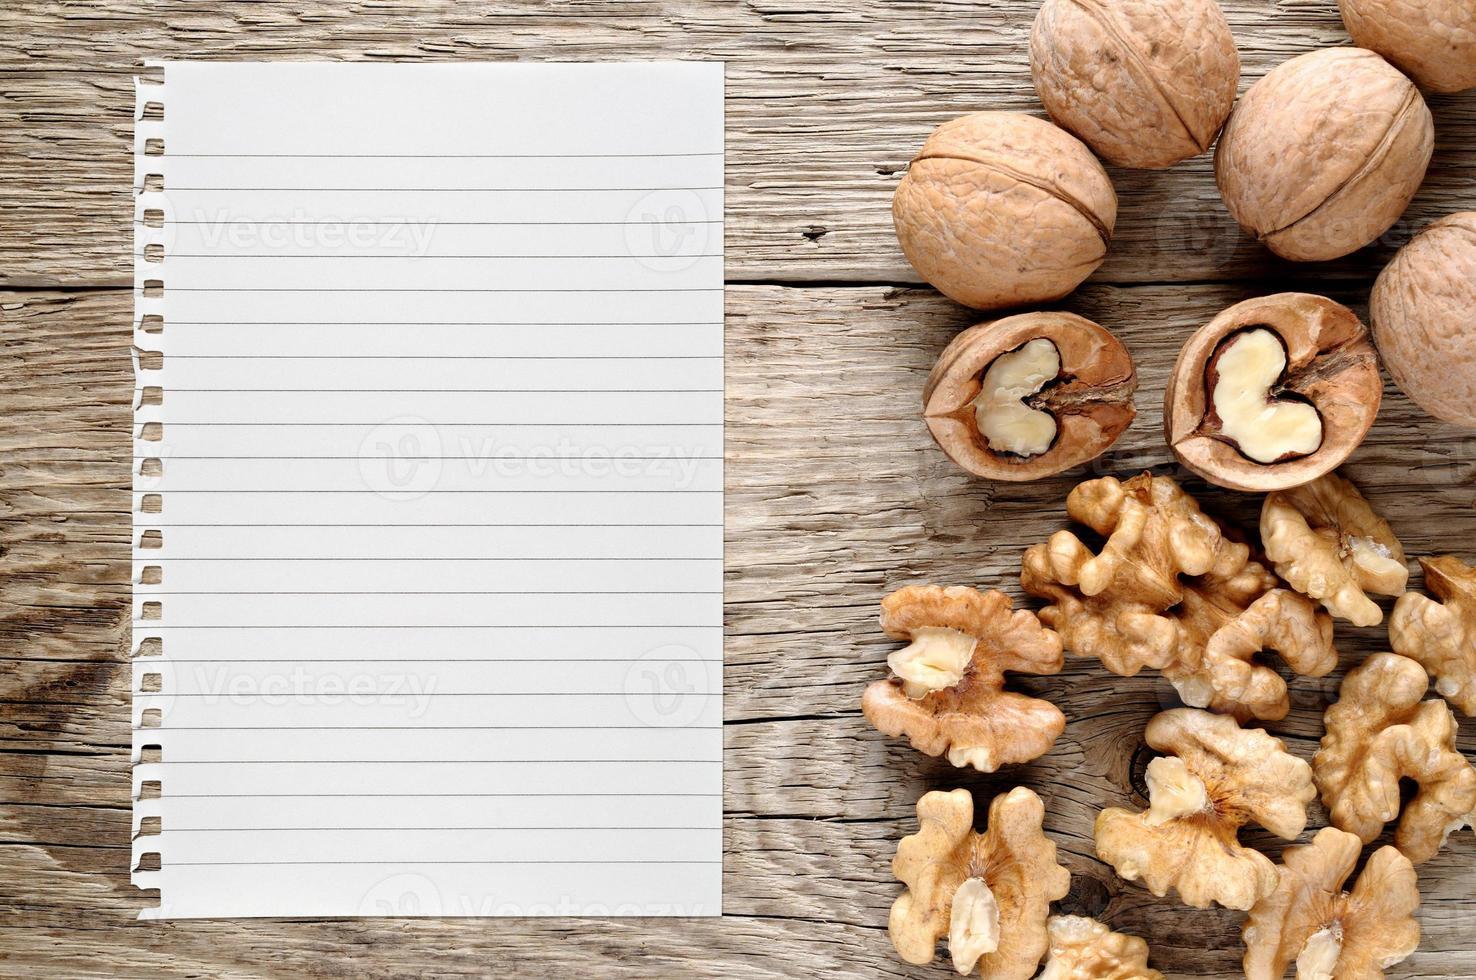 valnötter och papper för recept foto